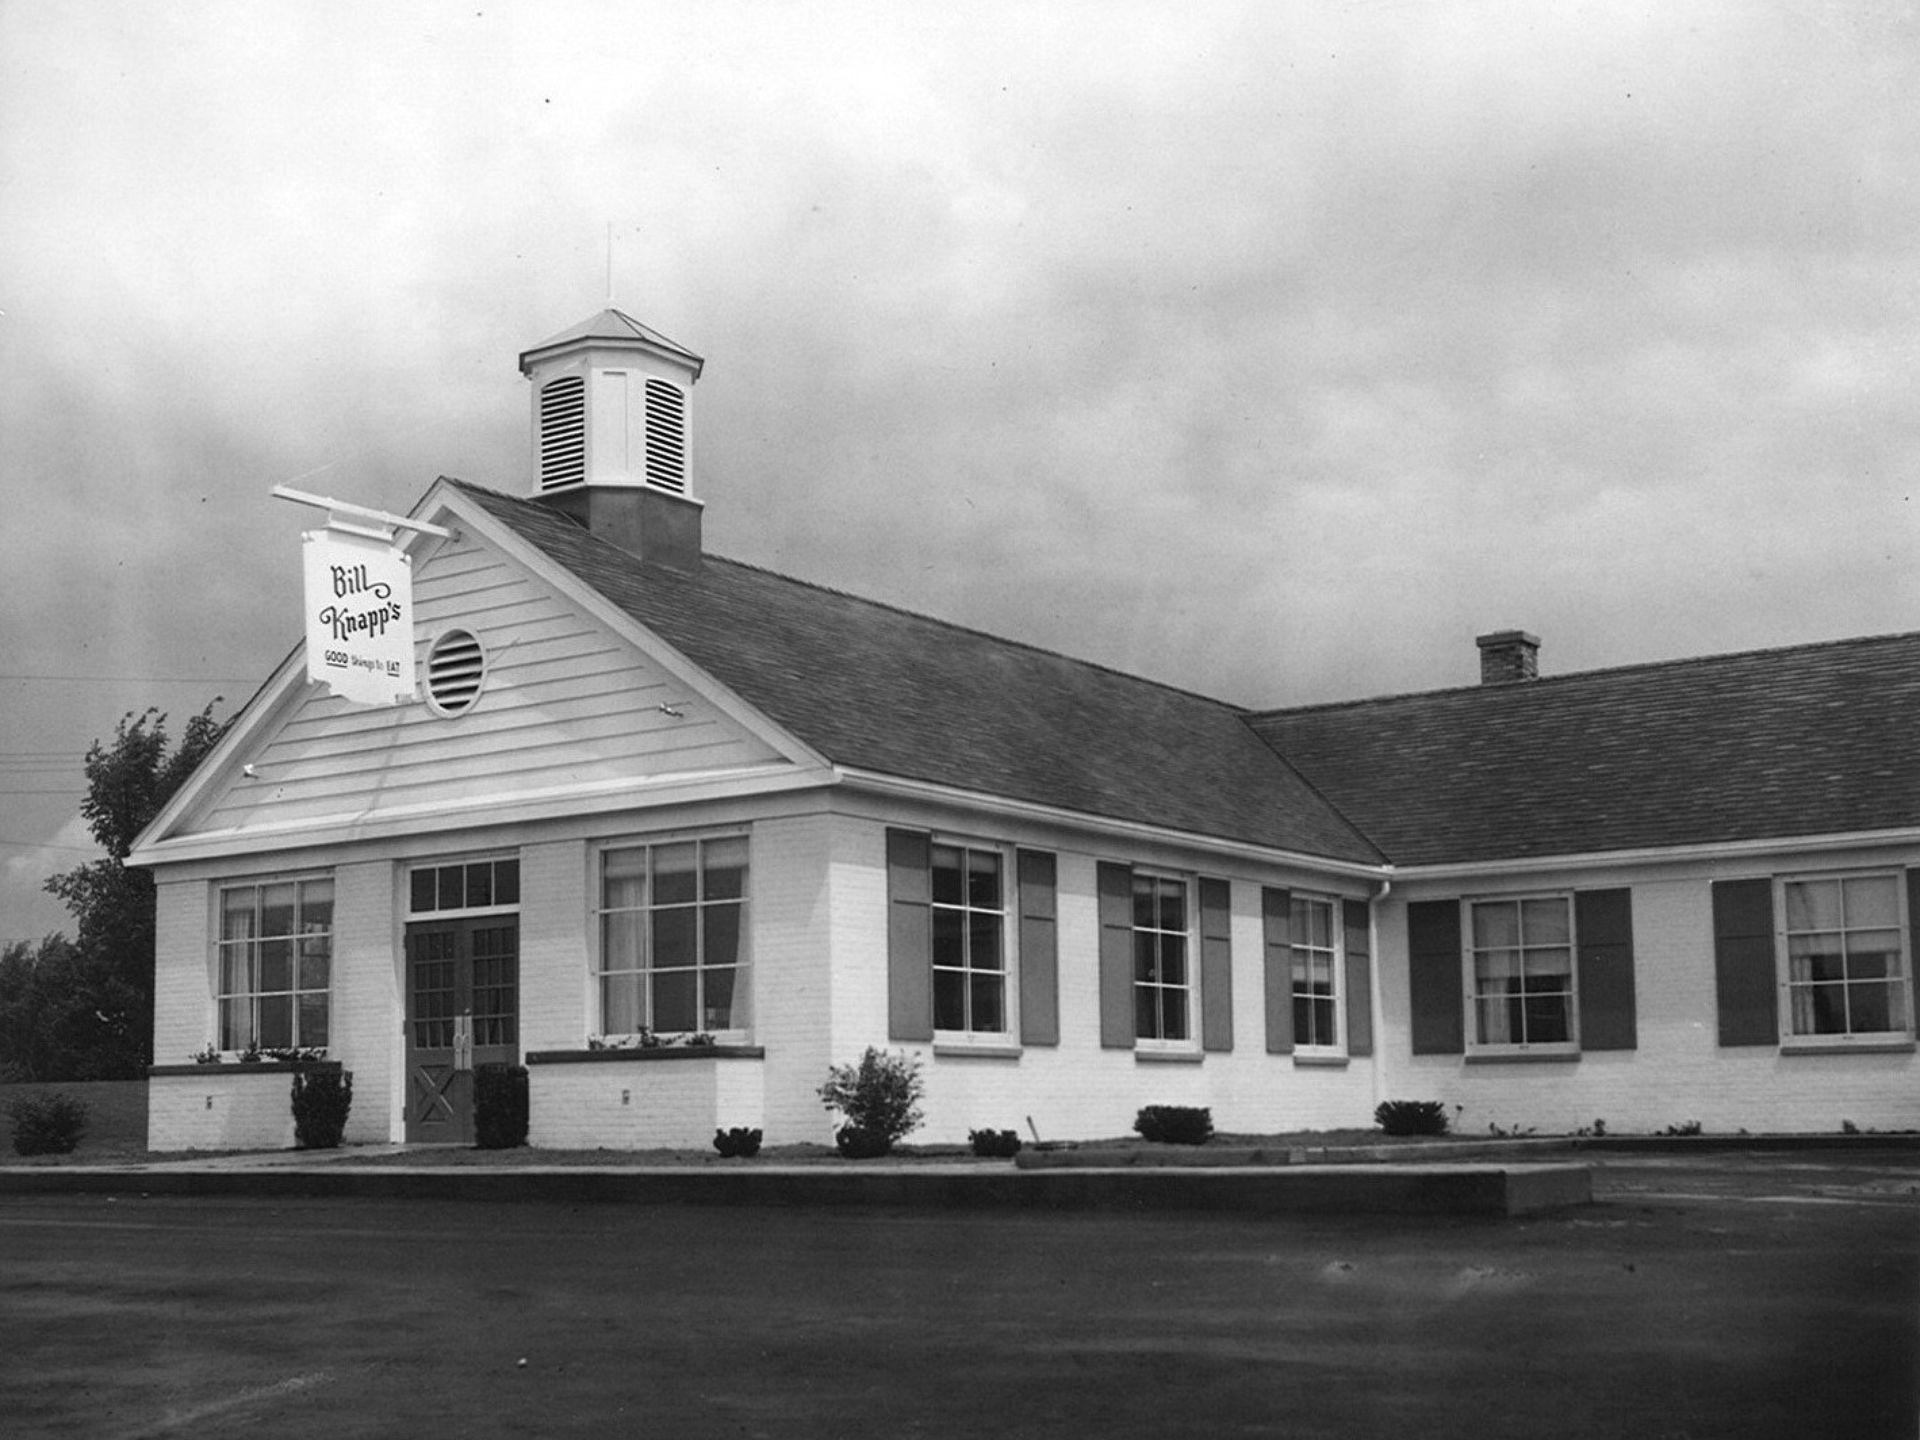 Exterior Of Bill Knapp S Restaurant June 15 1955 Fast